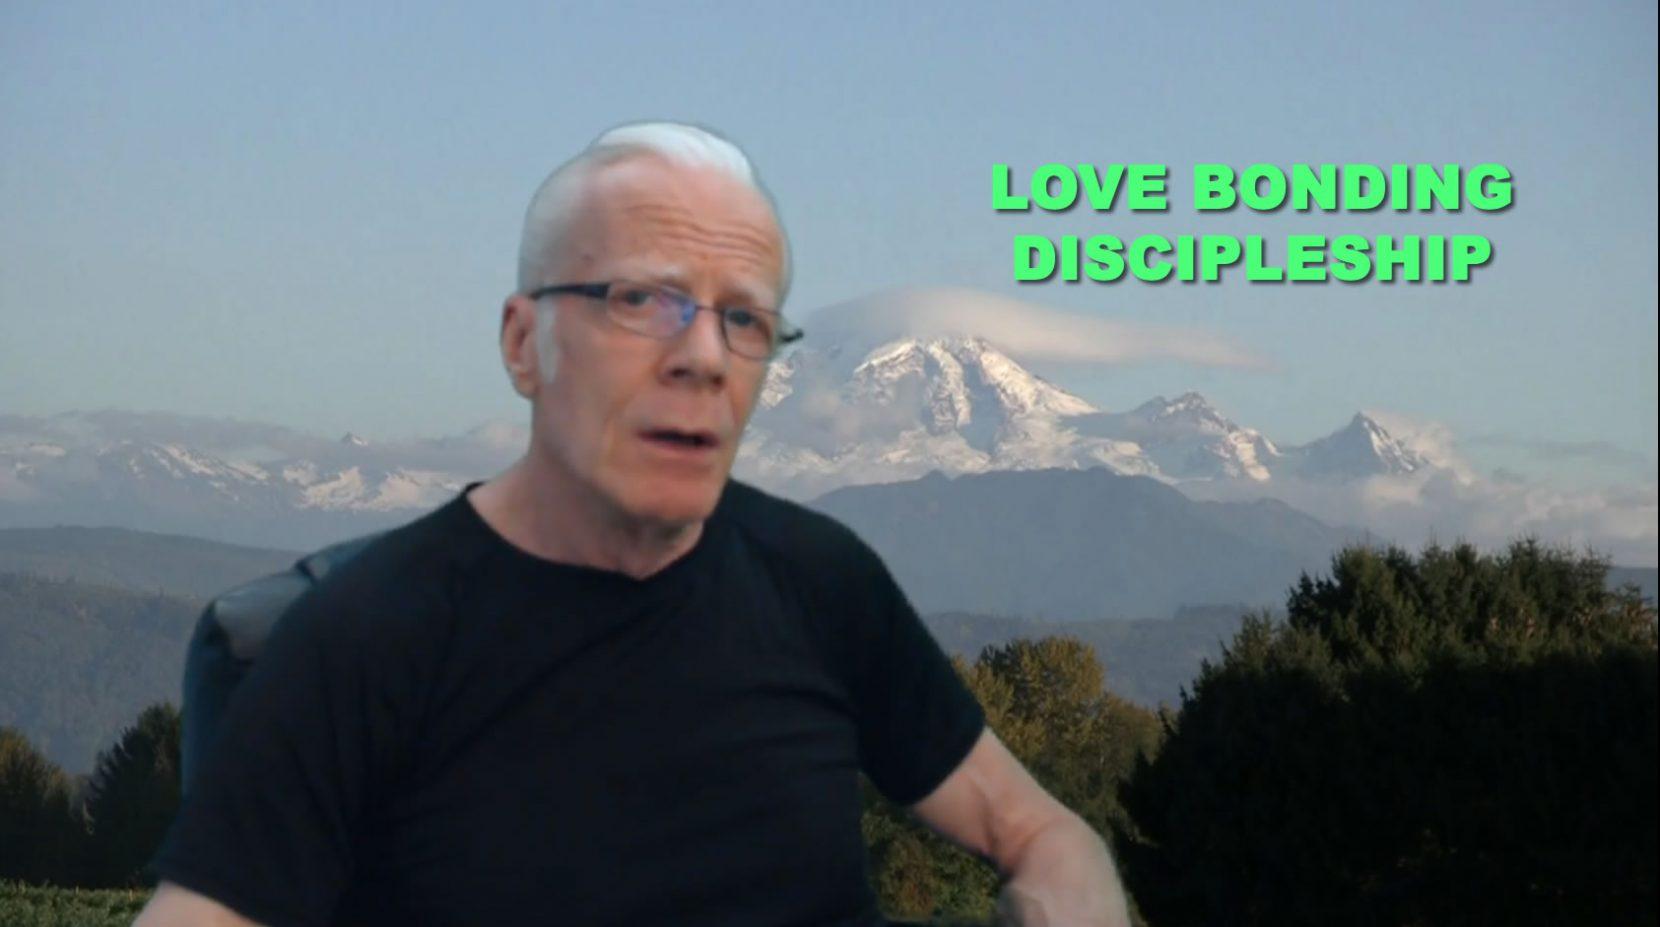 Love Bonding Discipleship